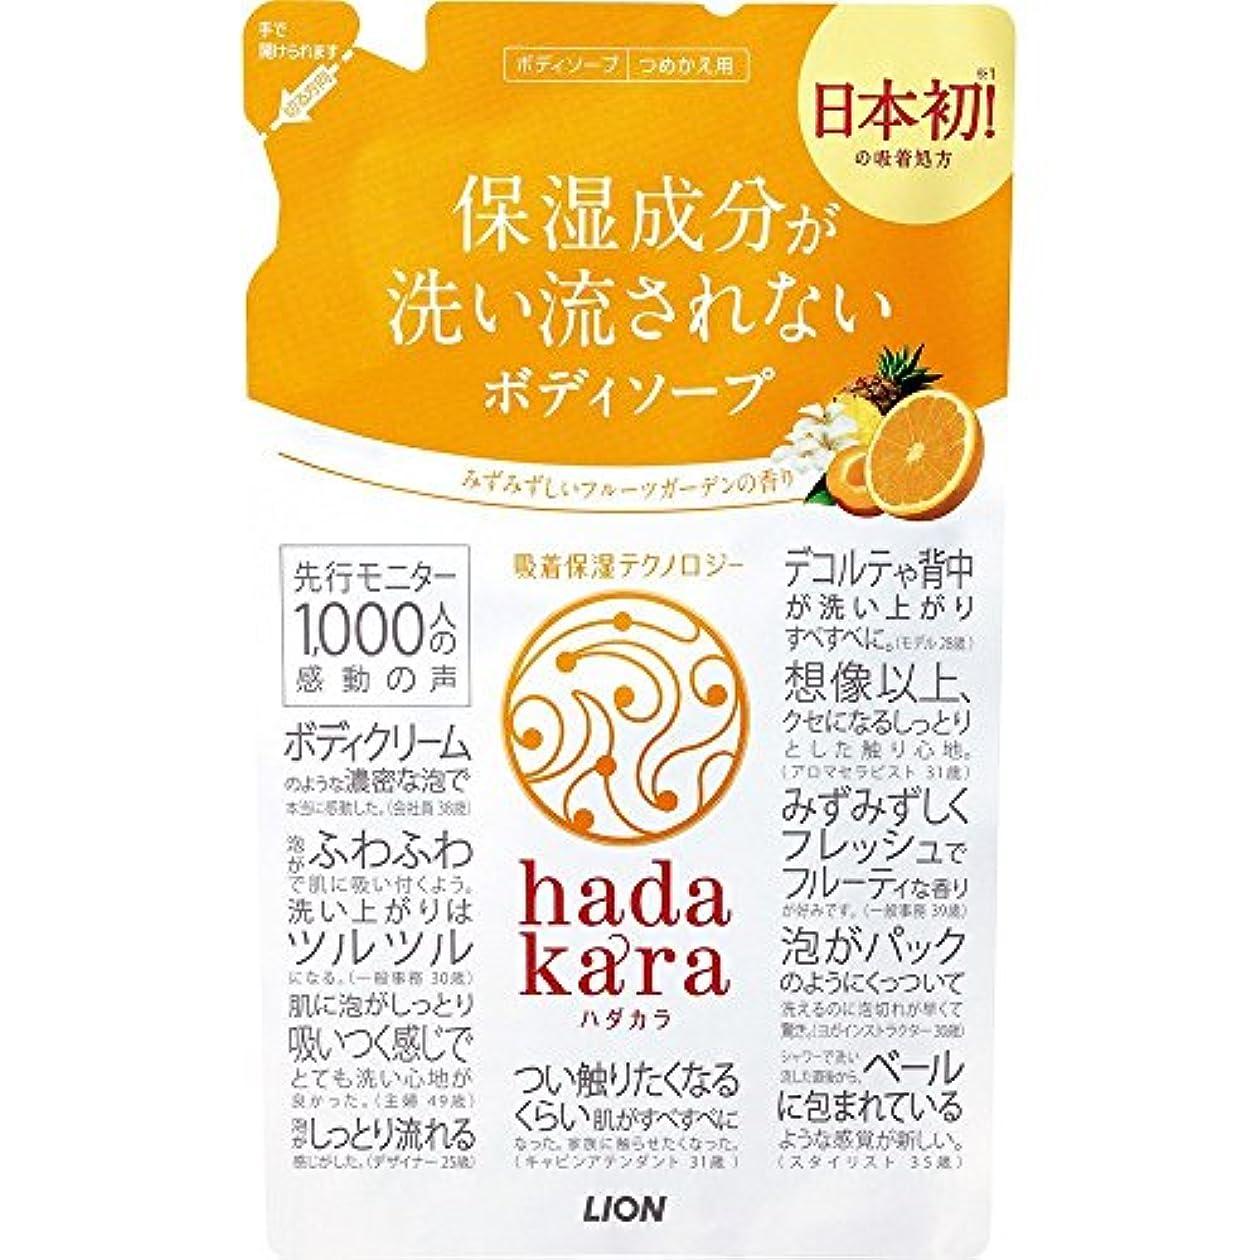 レシピ変数情緒的hadakara(ハダカラ) ボディソープ フルーツガーデンの香り 詰め替え 360ml